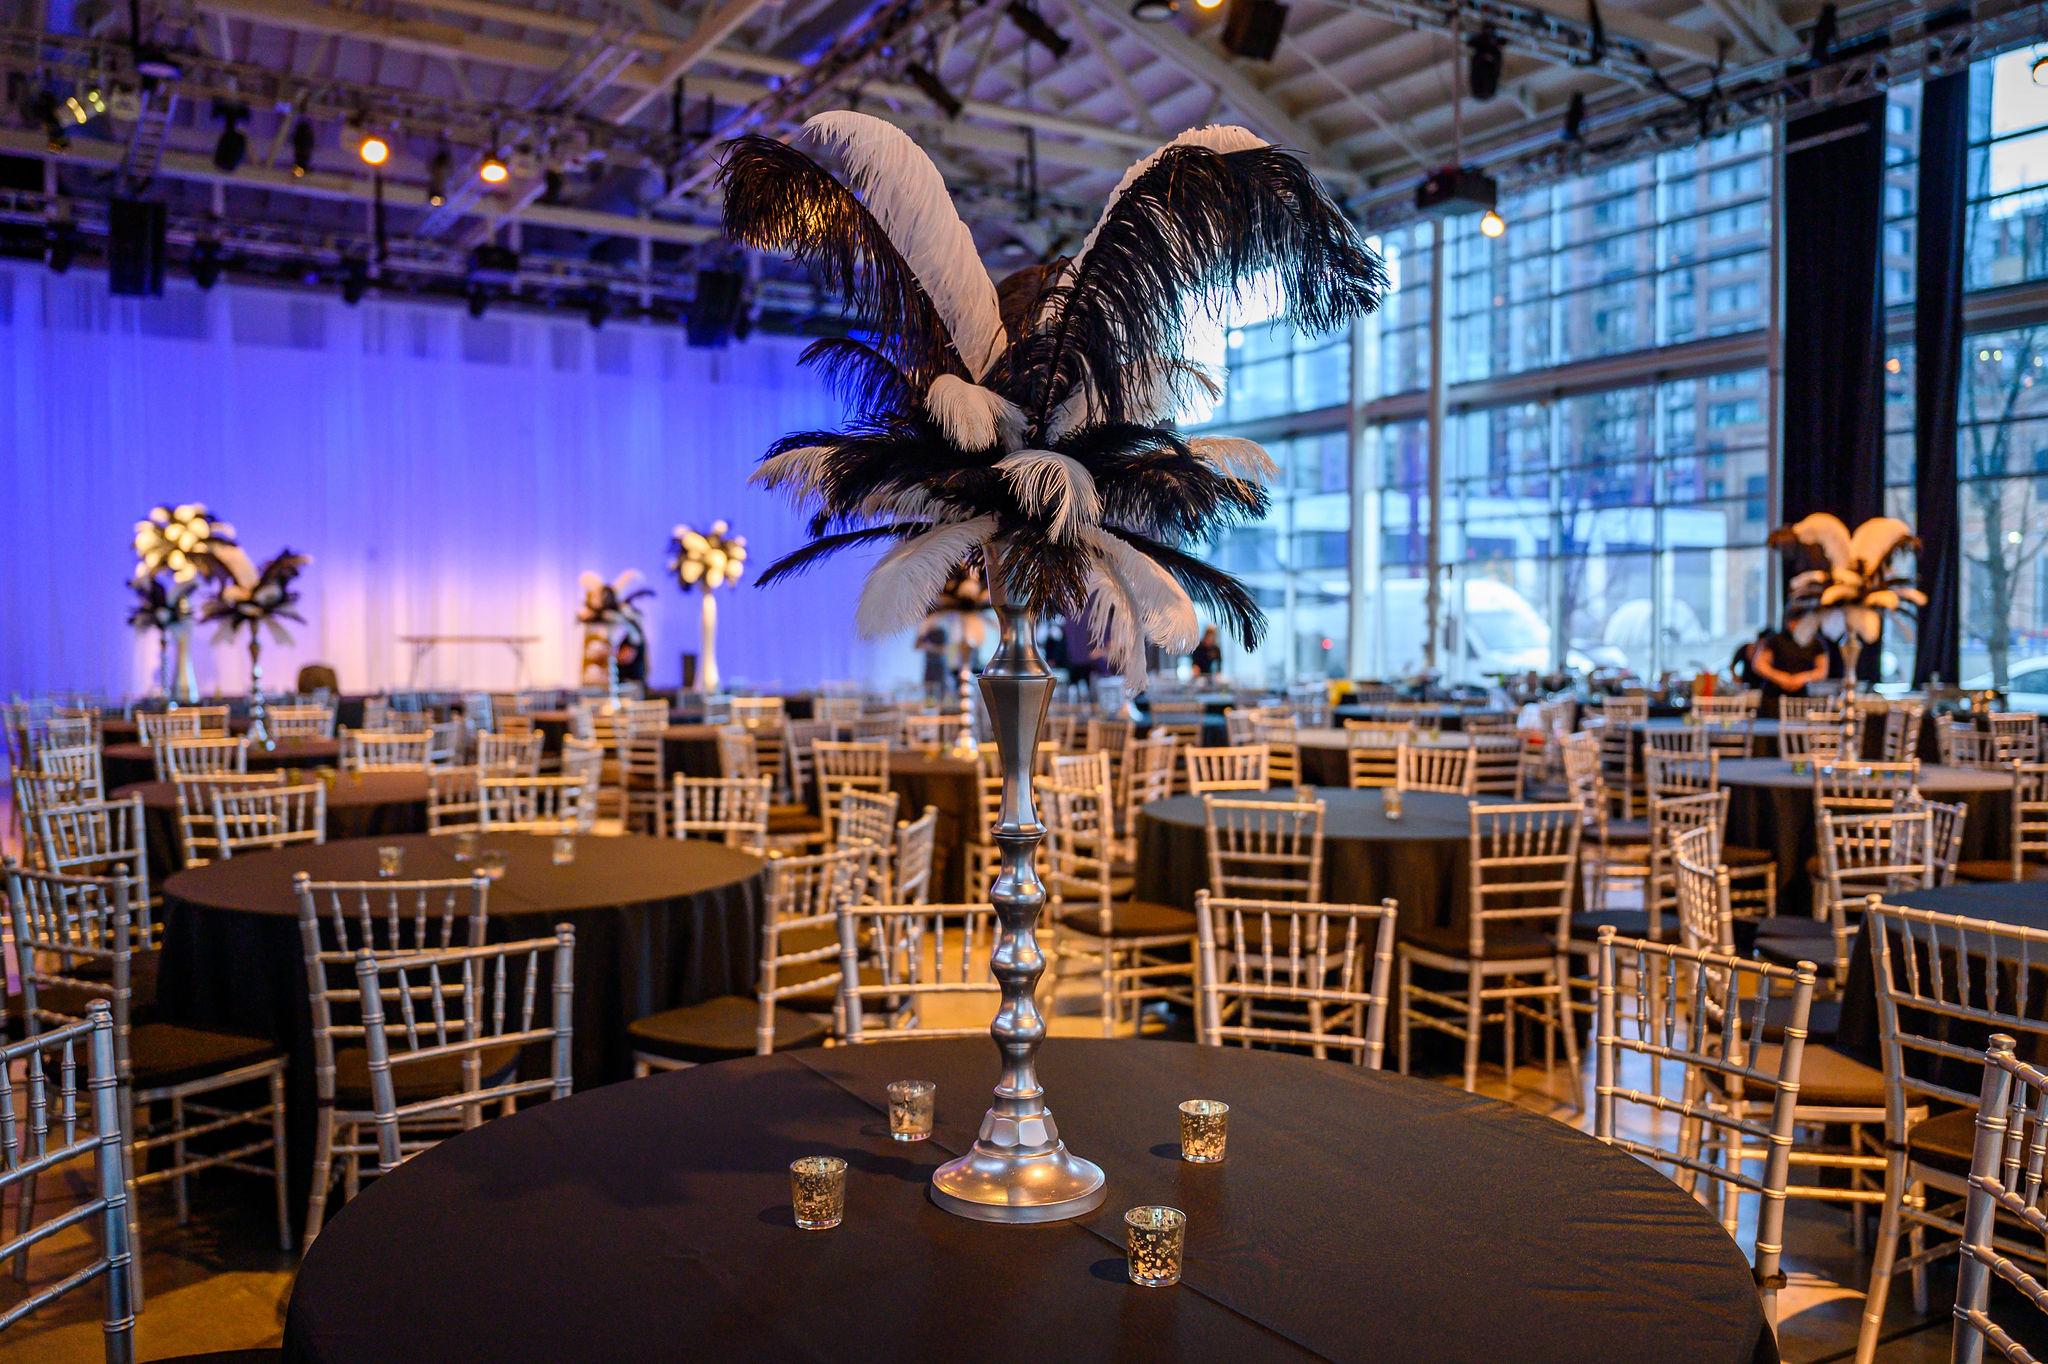 Corporate Event Decor Ideas